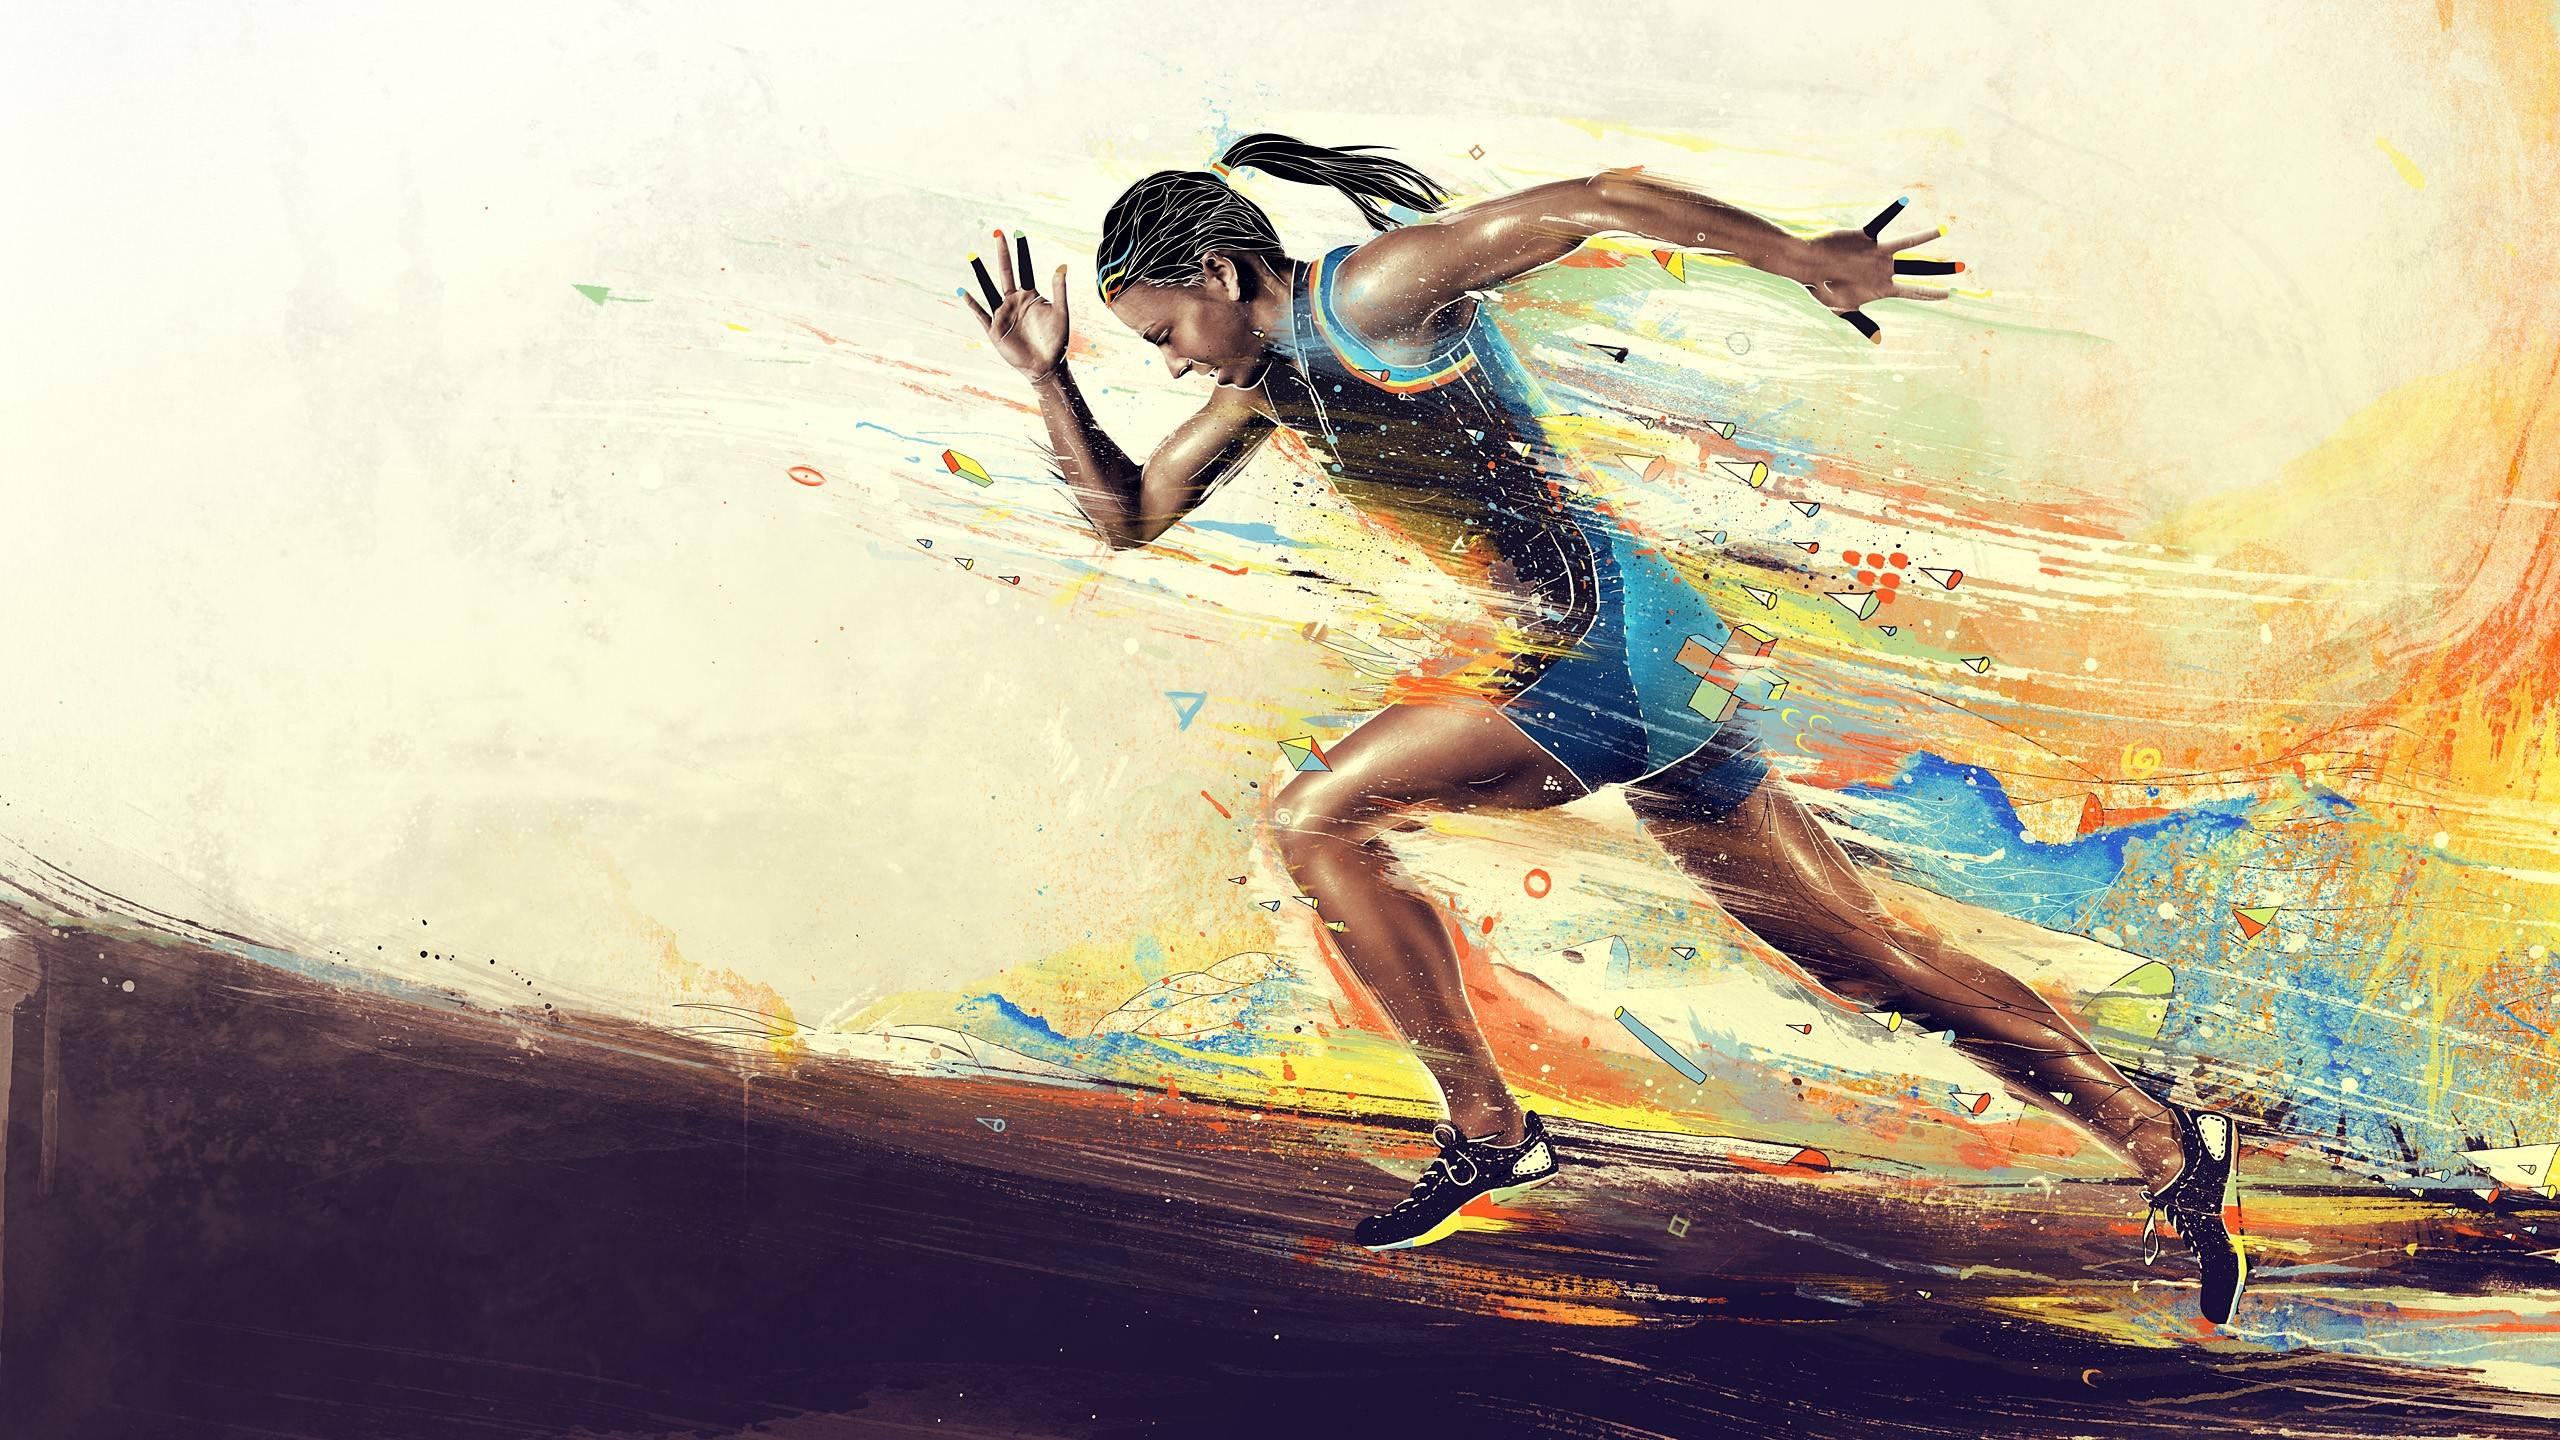 Sport Wallpaper Run: Running Desktop Backgrounds